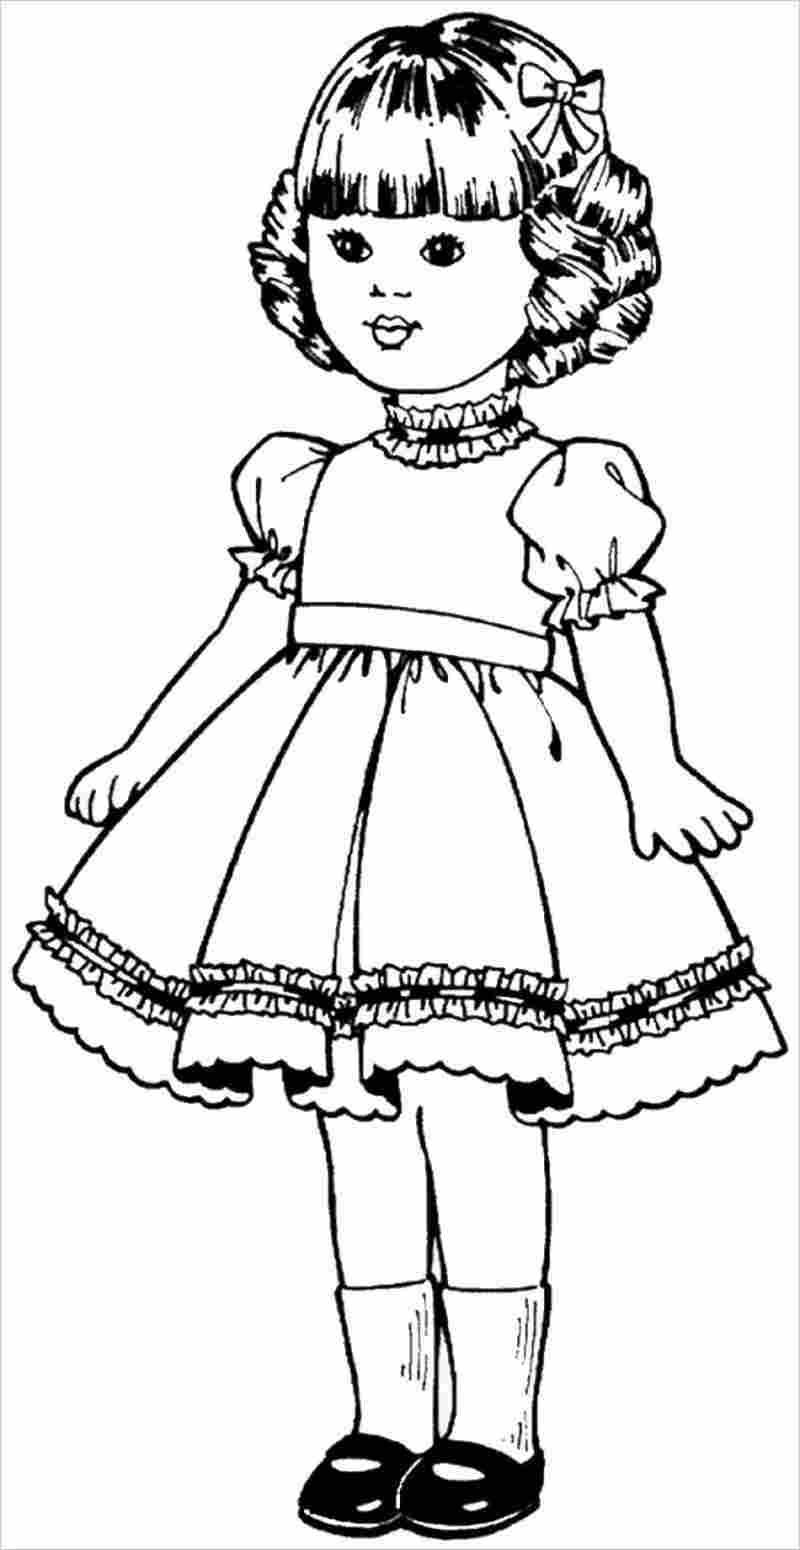 hình ảnh búp bê diện váy xòe